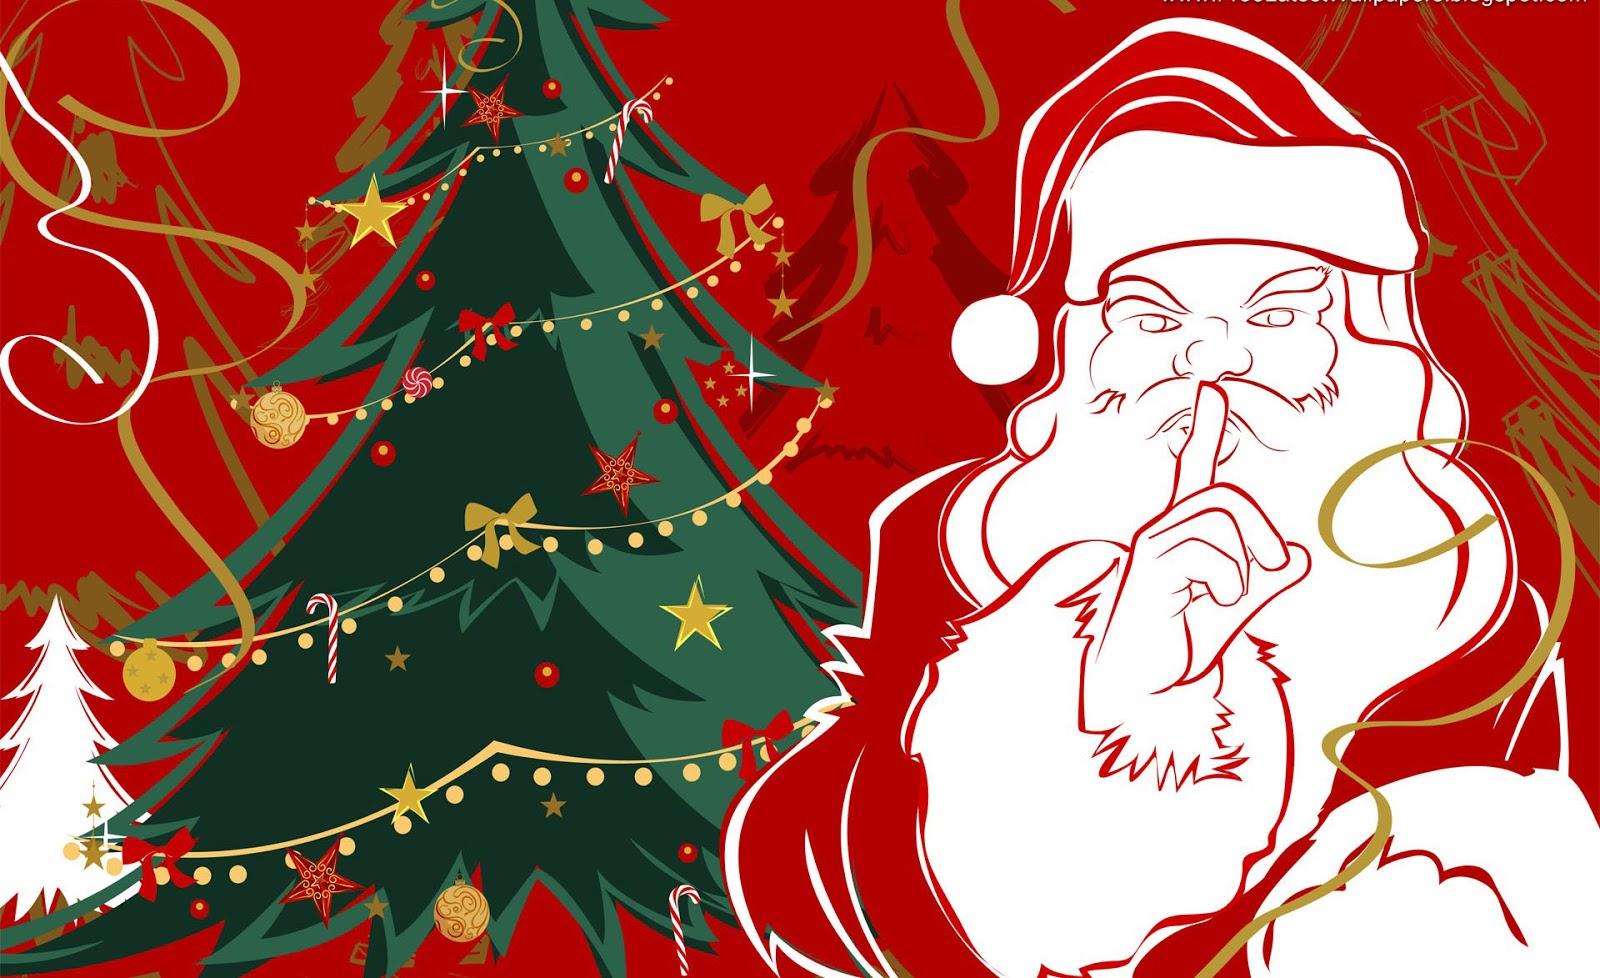 http://1.bp.blogspot.com/-mzV_7Txv8zM/ULcP8m_rlVI/AAAAAAAABIs/uv0voJF-69Y/s1600/Christmas+Santa+Claus+wallpaper+05.jpg